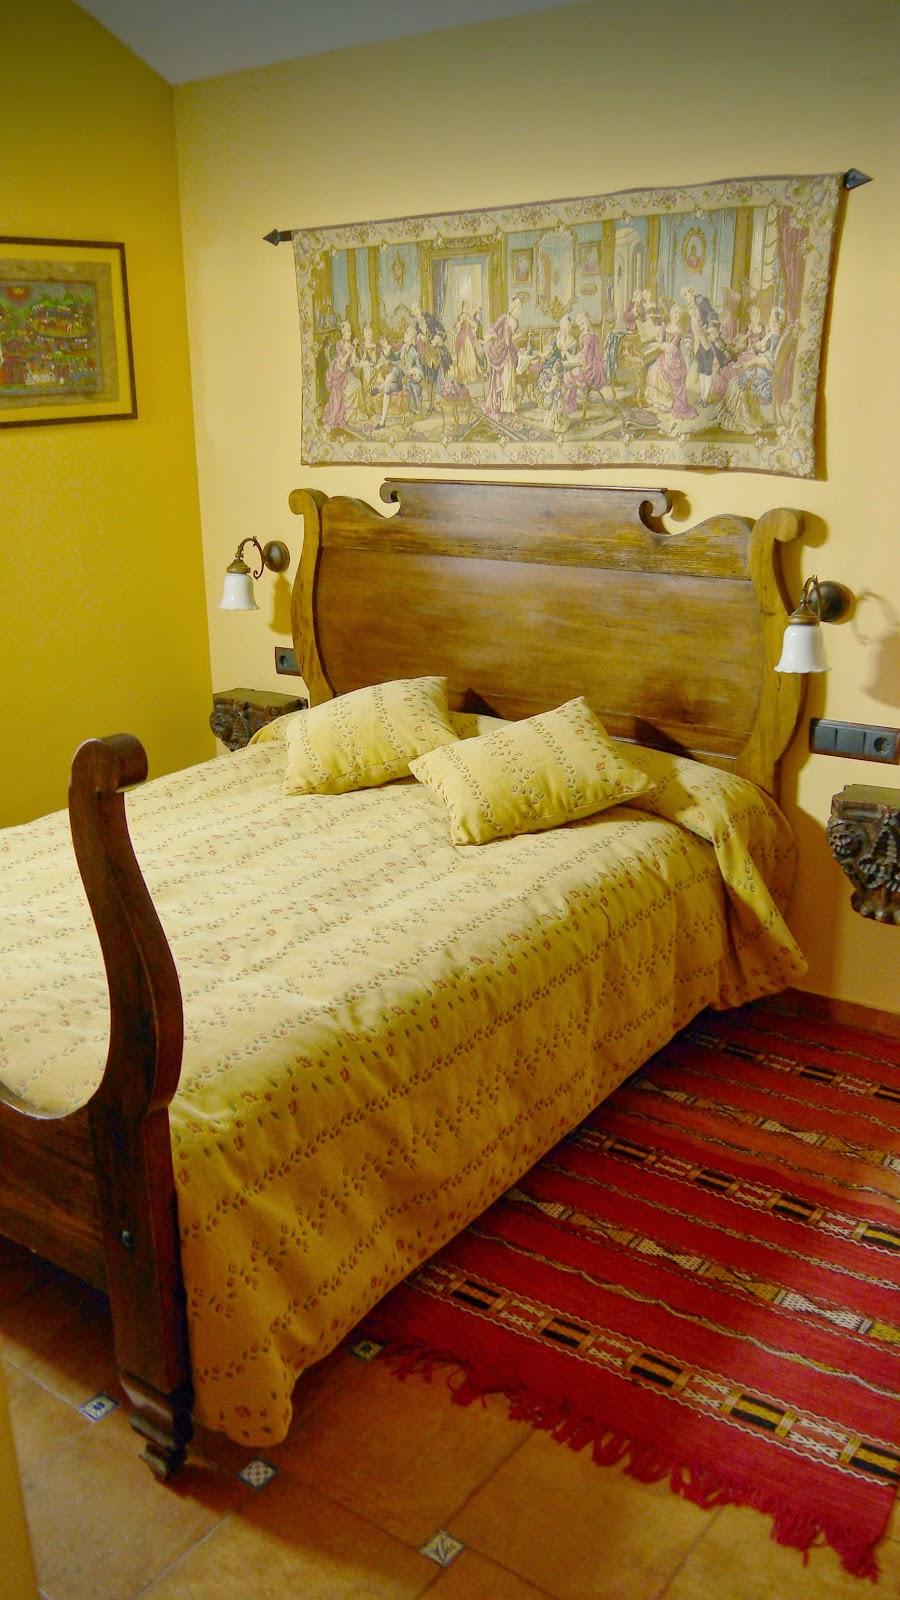 oferta hotel rural en Cuenca